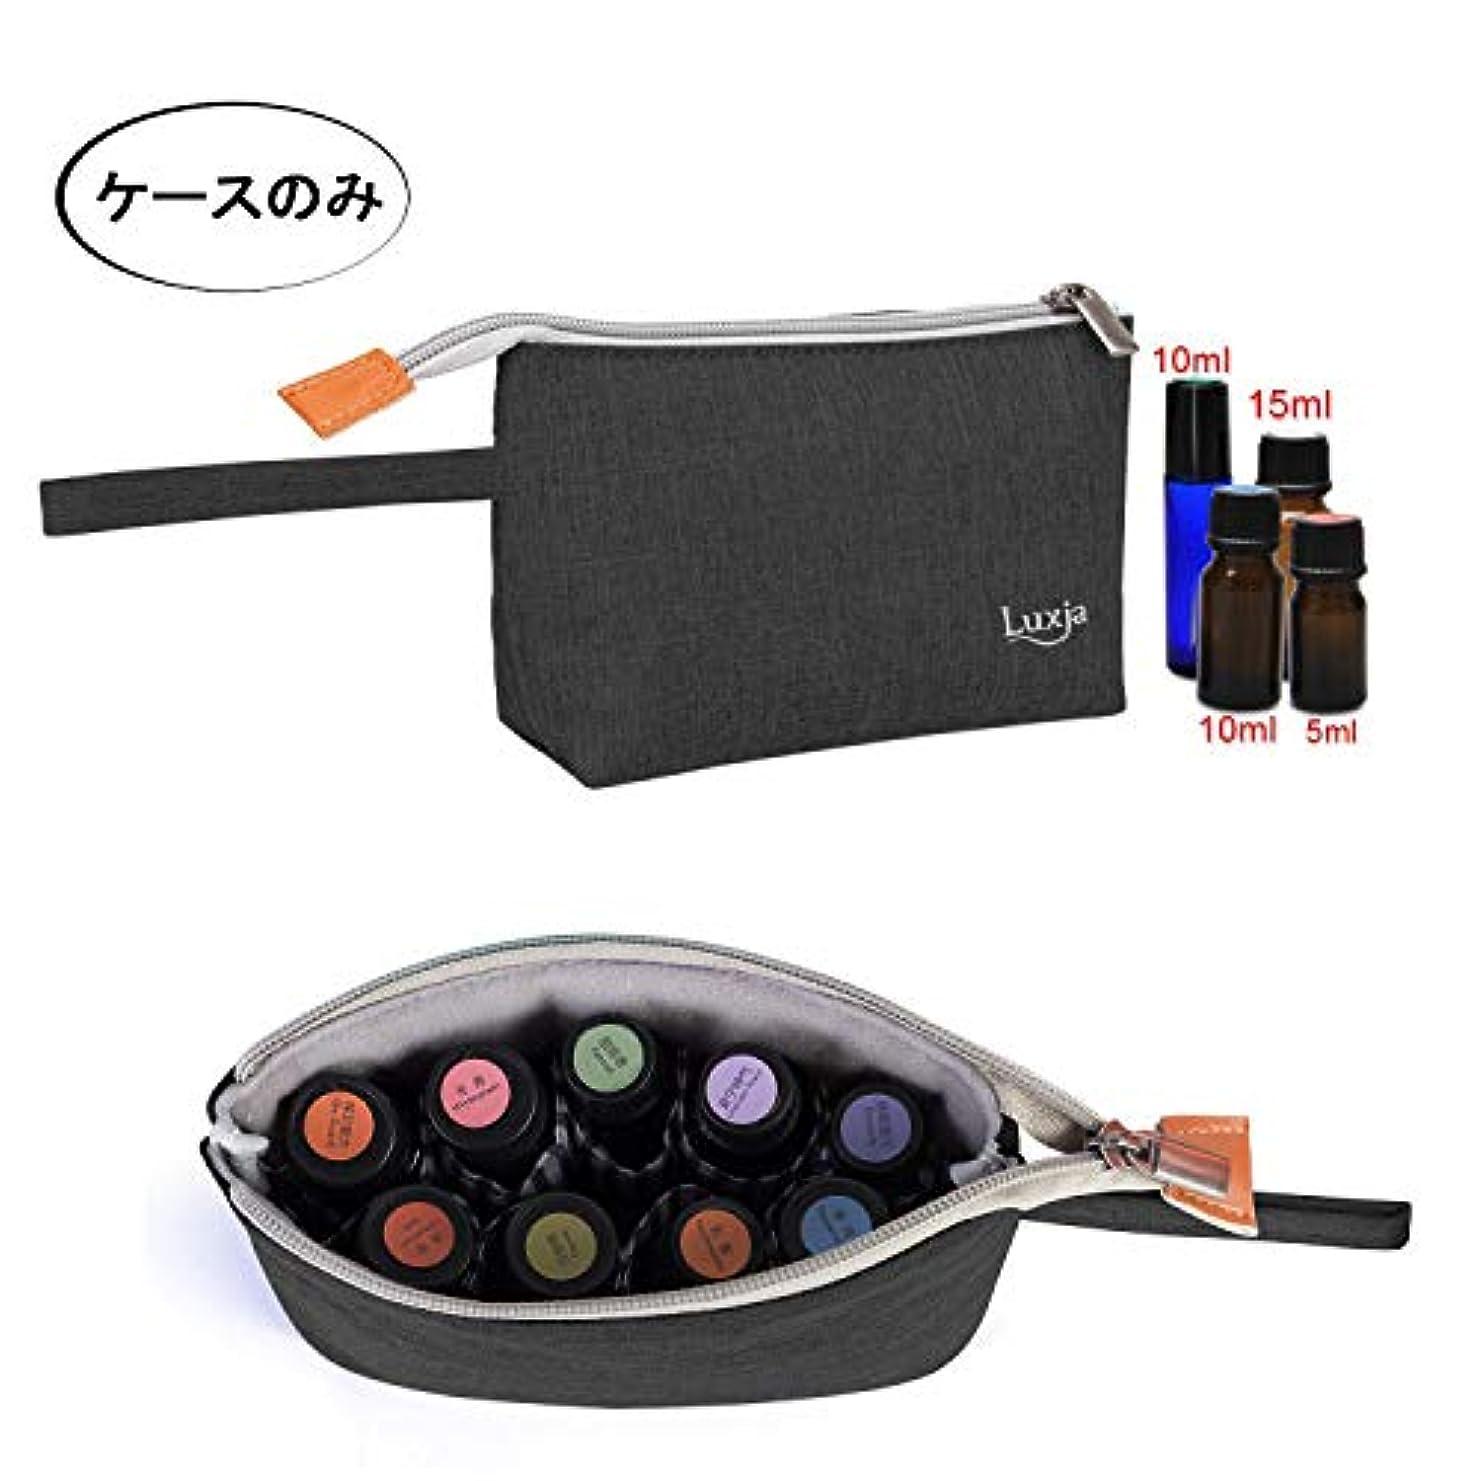 ピザ意図増幅器Luxja エッセンシャルオイル収納ケース 8本収納(5-15ml) 黒